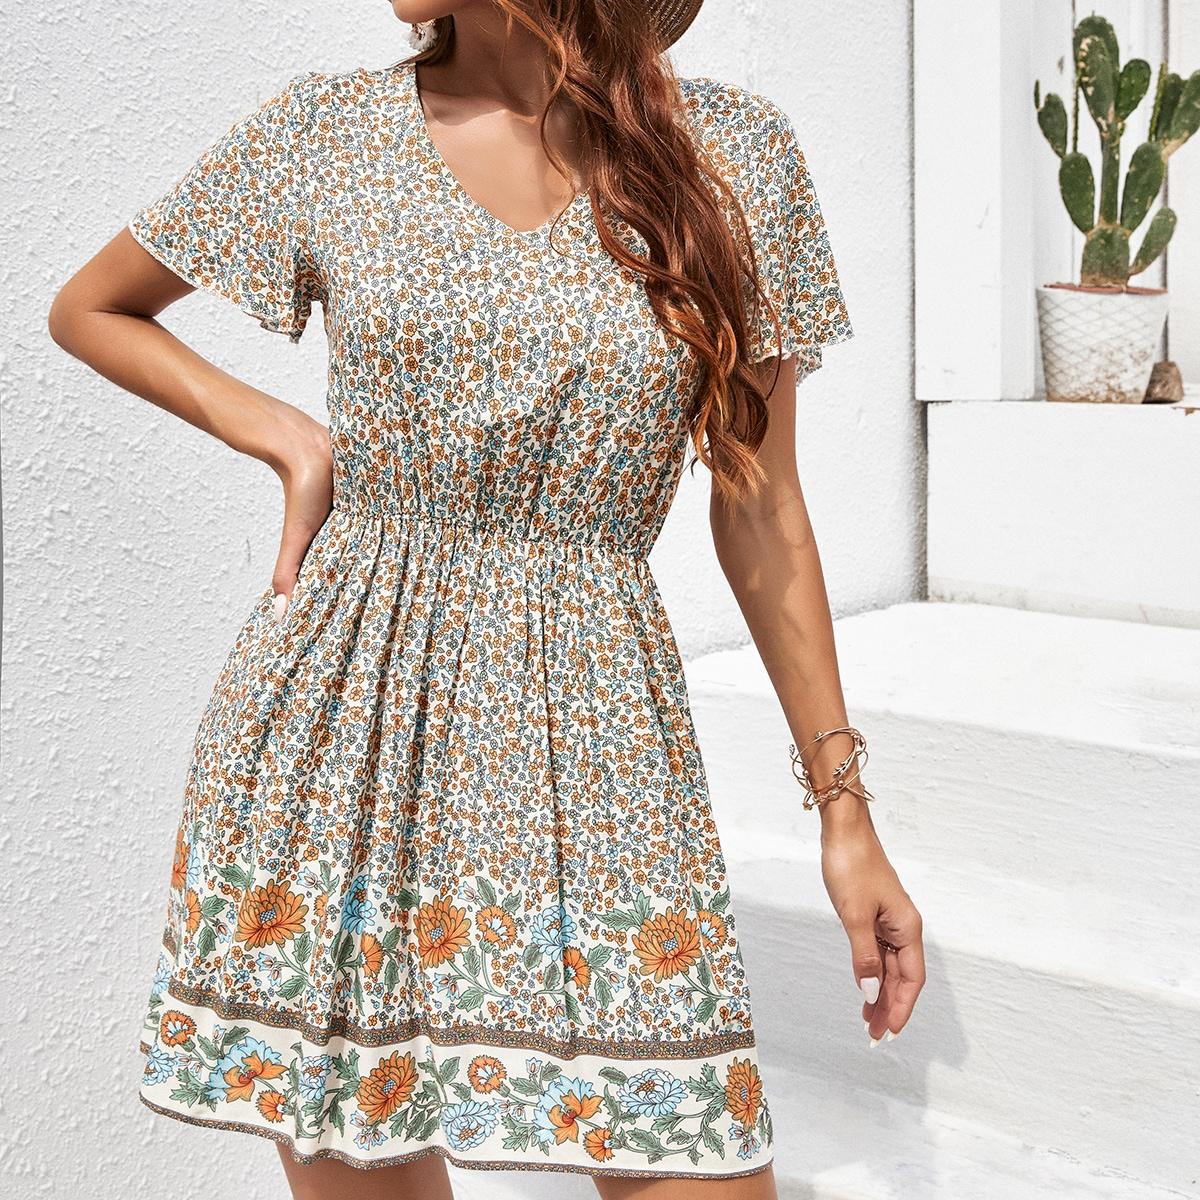 Floral Print V Neck A-line Dress